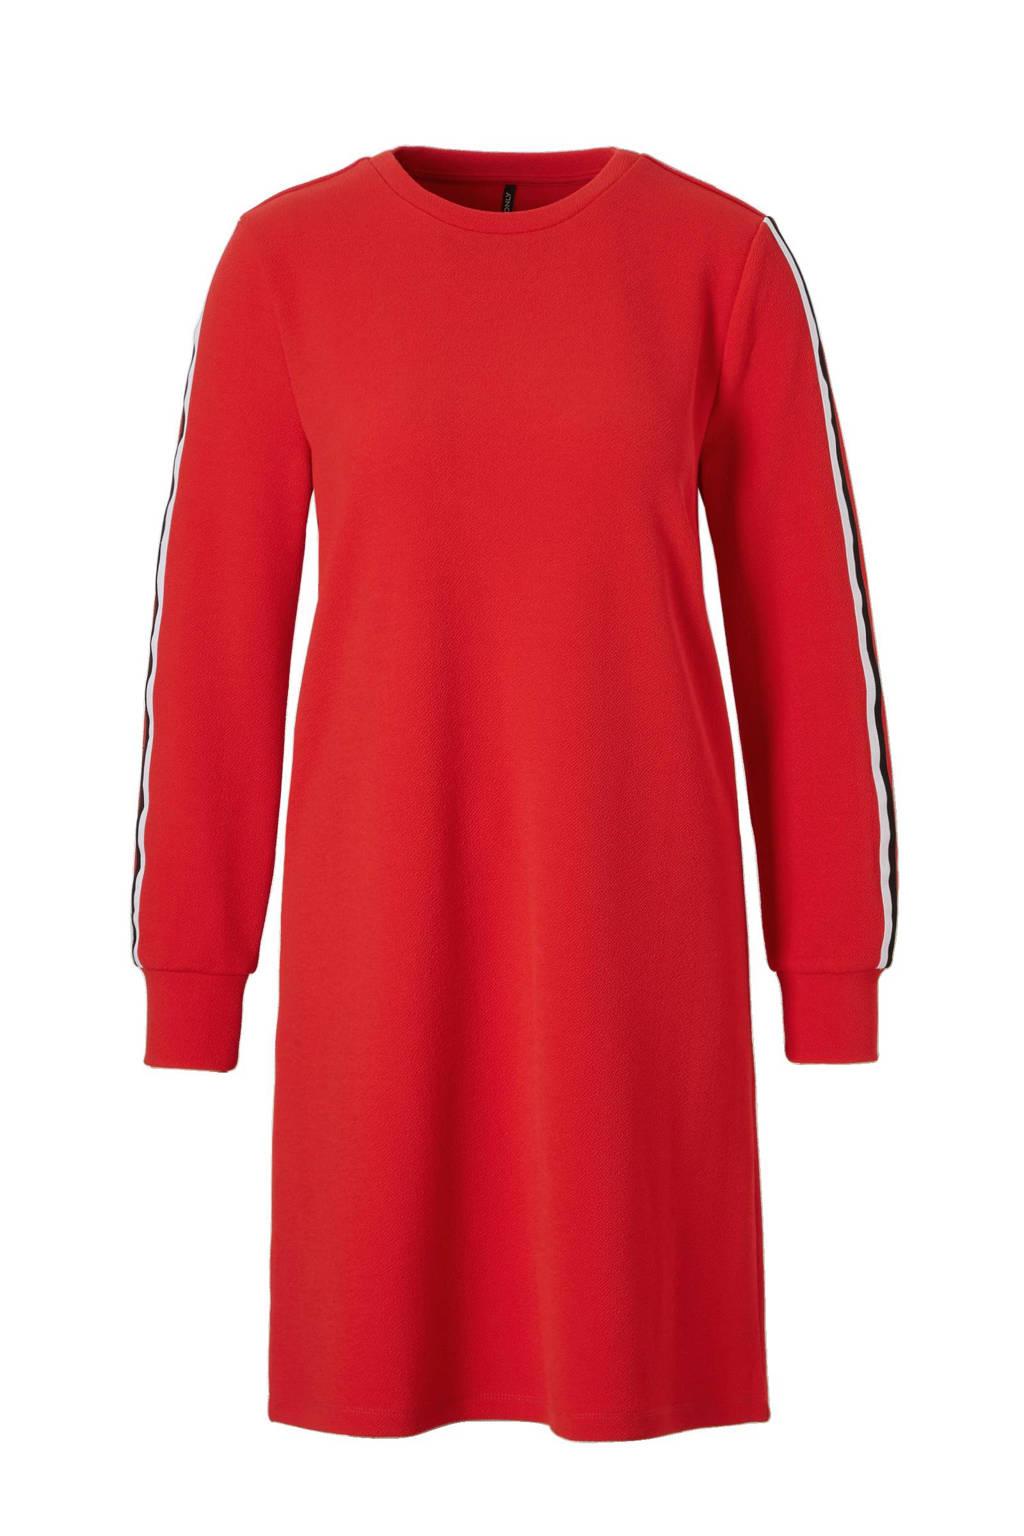 ONLY jurk met zijstreep, Rood/zwart/wit